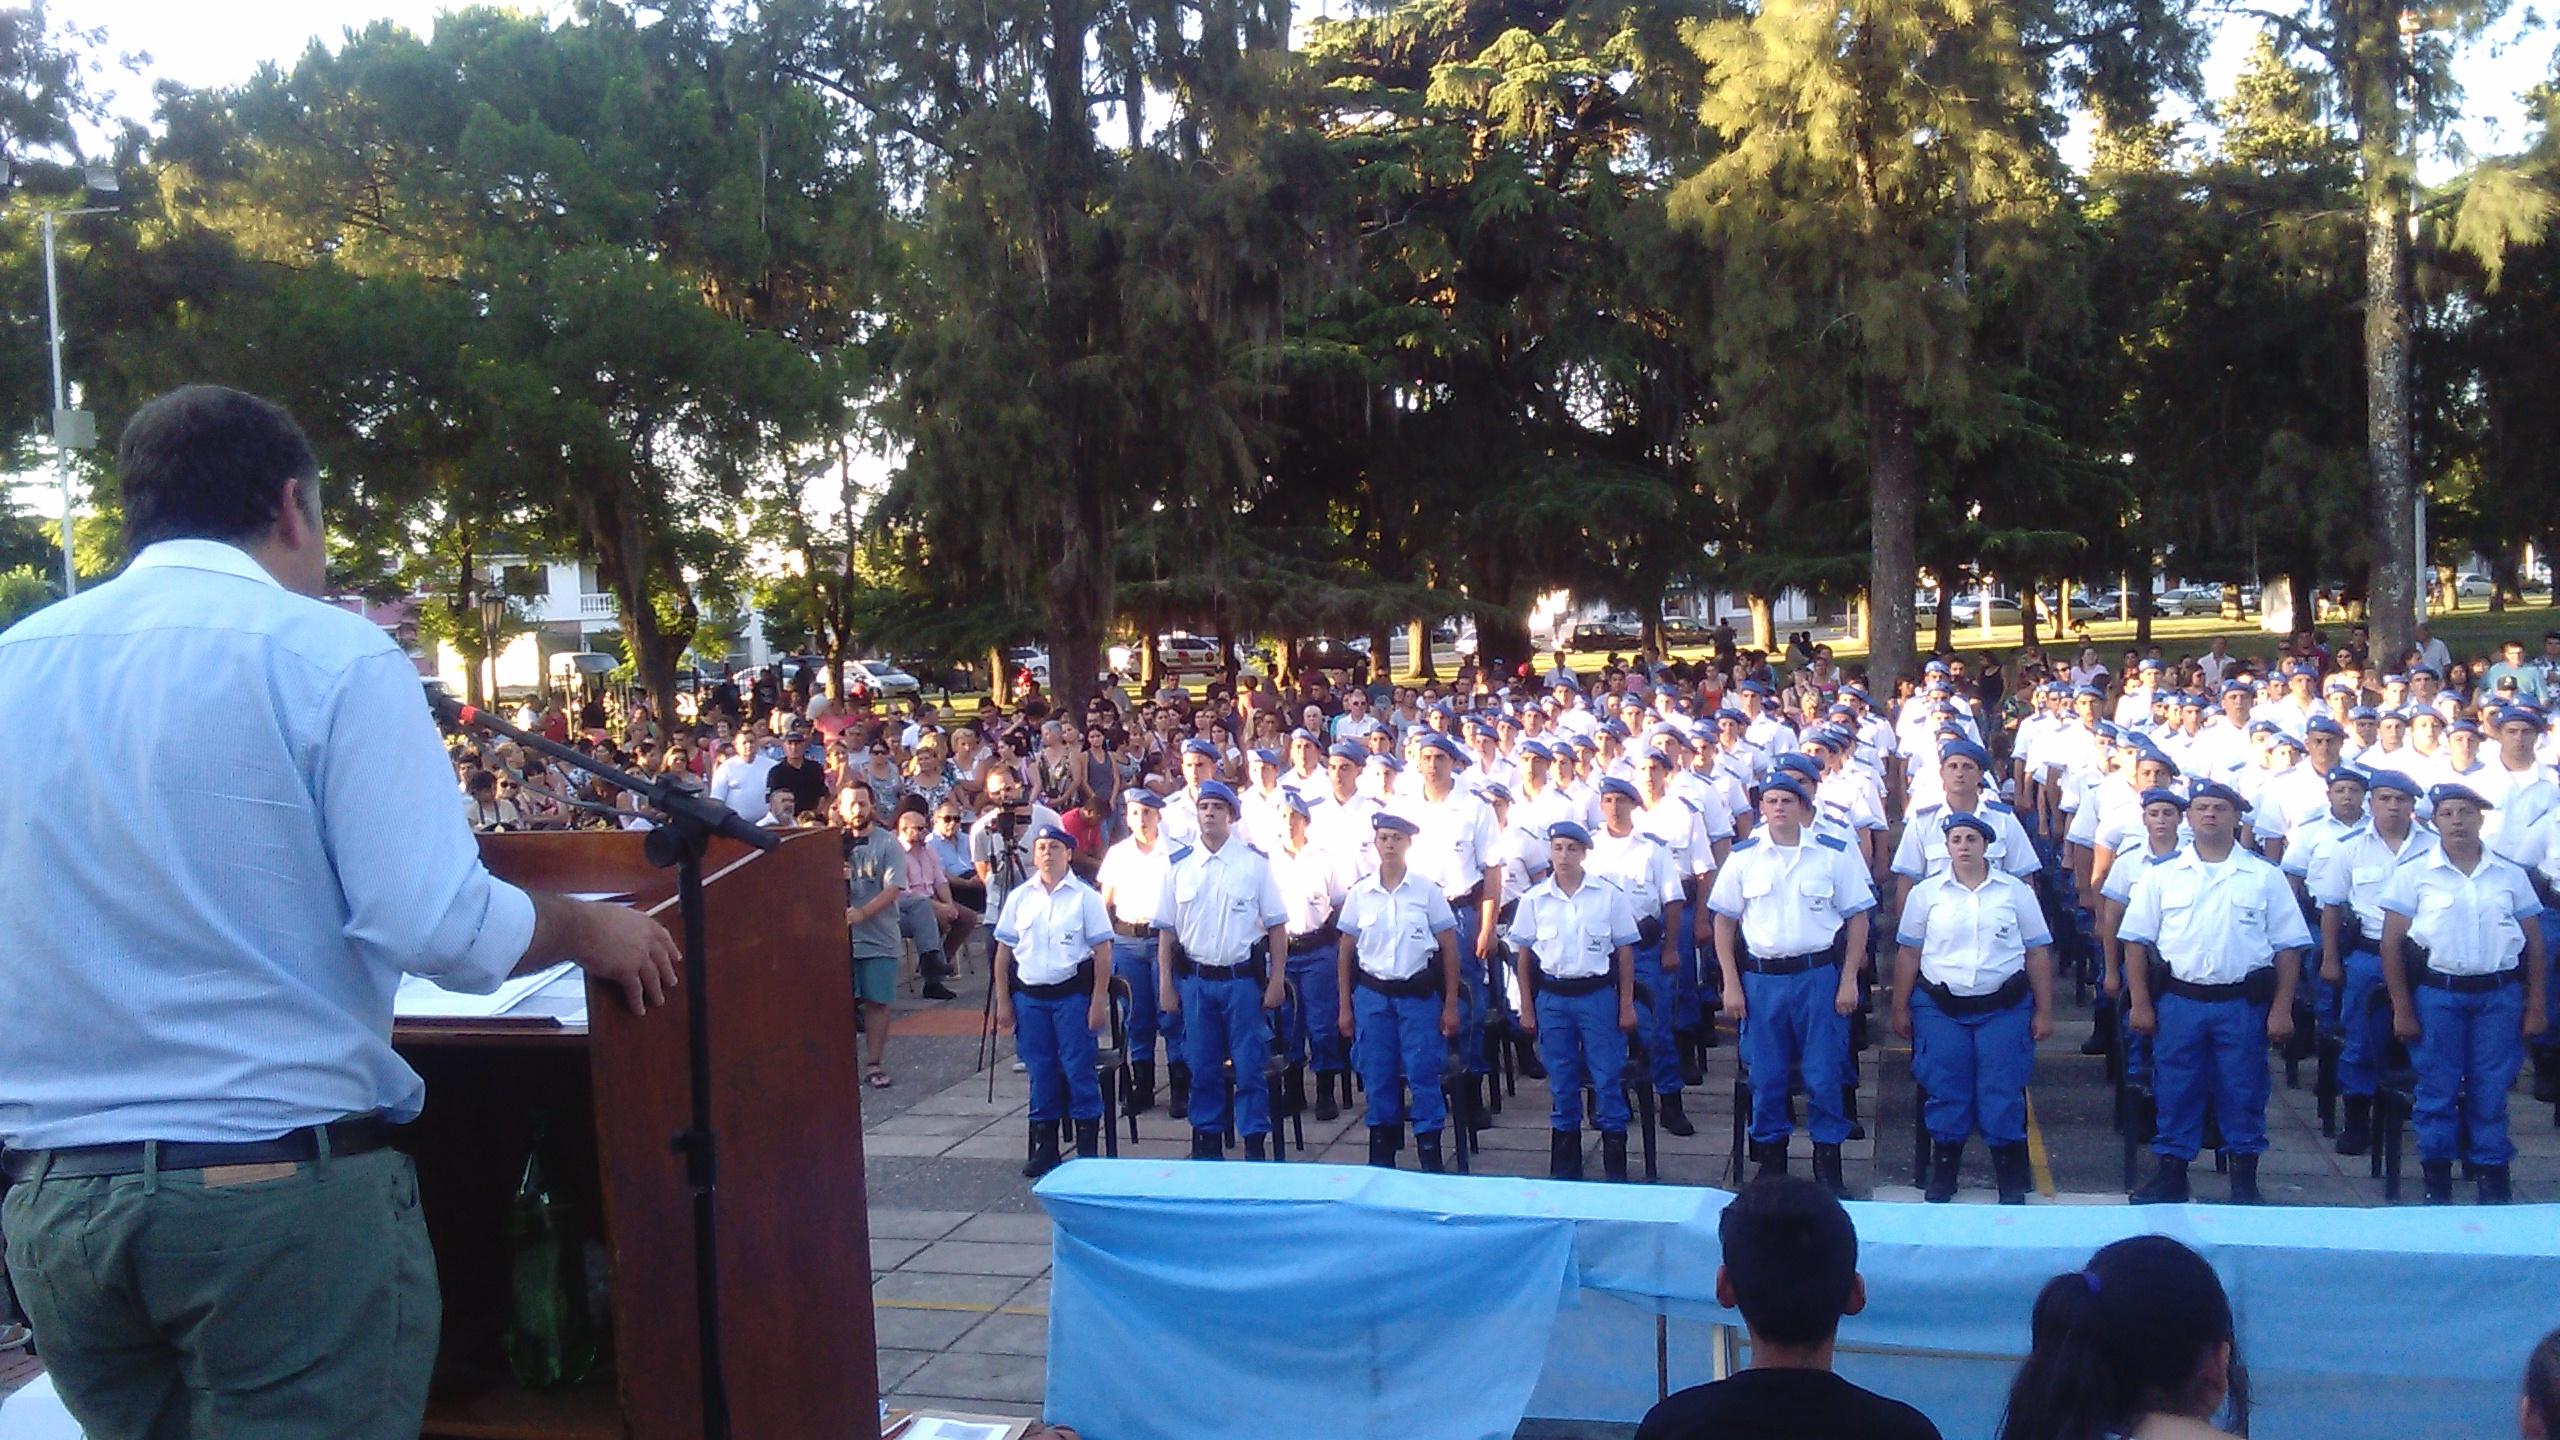 Este miércoles 21 de diciembre se llevó a cabo el acto de egreso de los efectivos de la Policía Local. La ceremonia tuvo lugar a partir de las 18 en la plaza José M. Bustos.